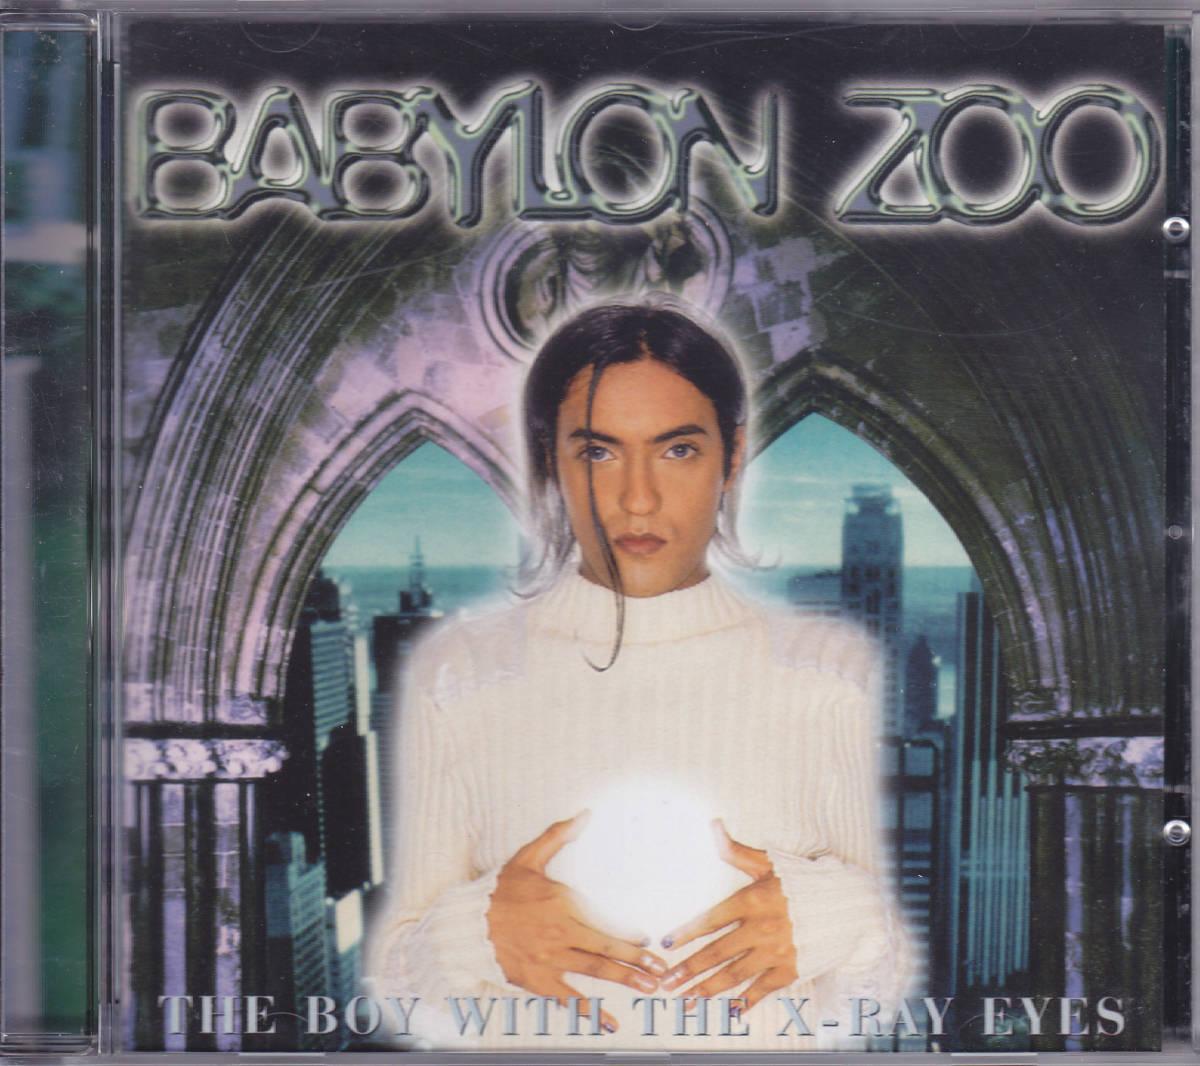 バビロン・ズー Babylon Zoo - The Boy With The X-Ray Eyes /EU盤/中古CD!!37993_画像1